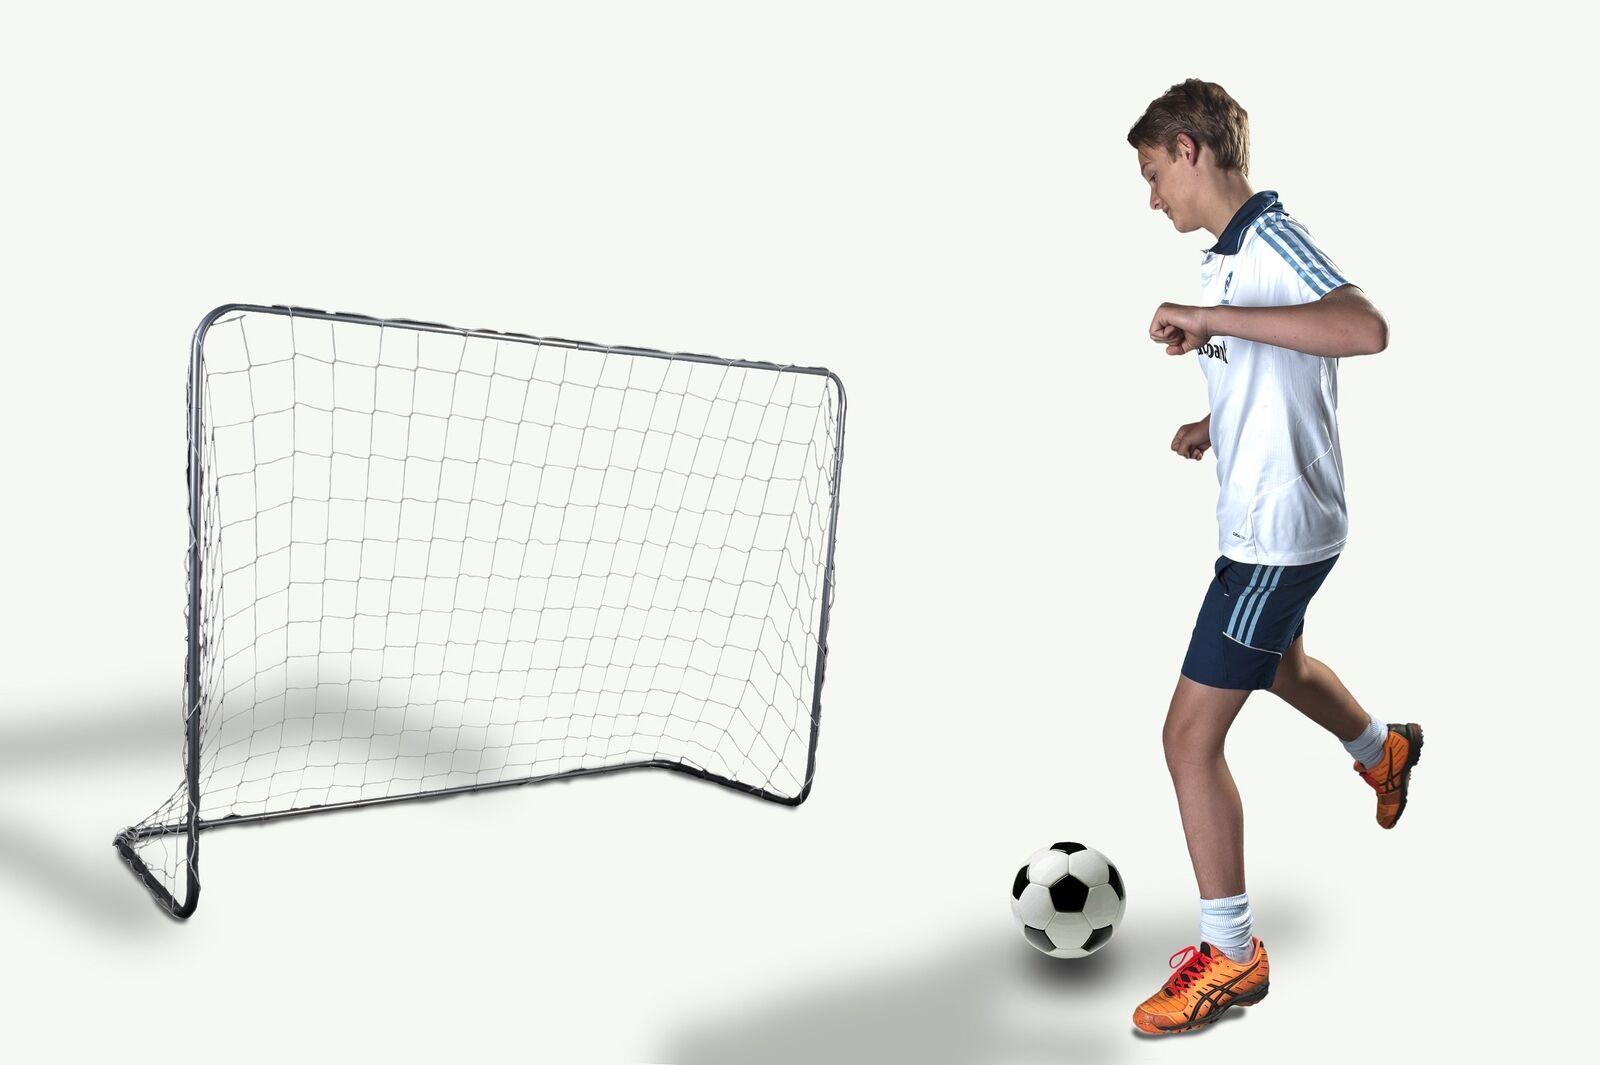 Charlsten Fussballtor 180x120x60 180x120x60 180x120x60 cm groß ed80d3